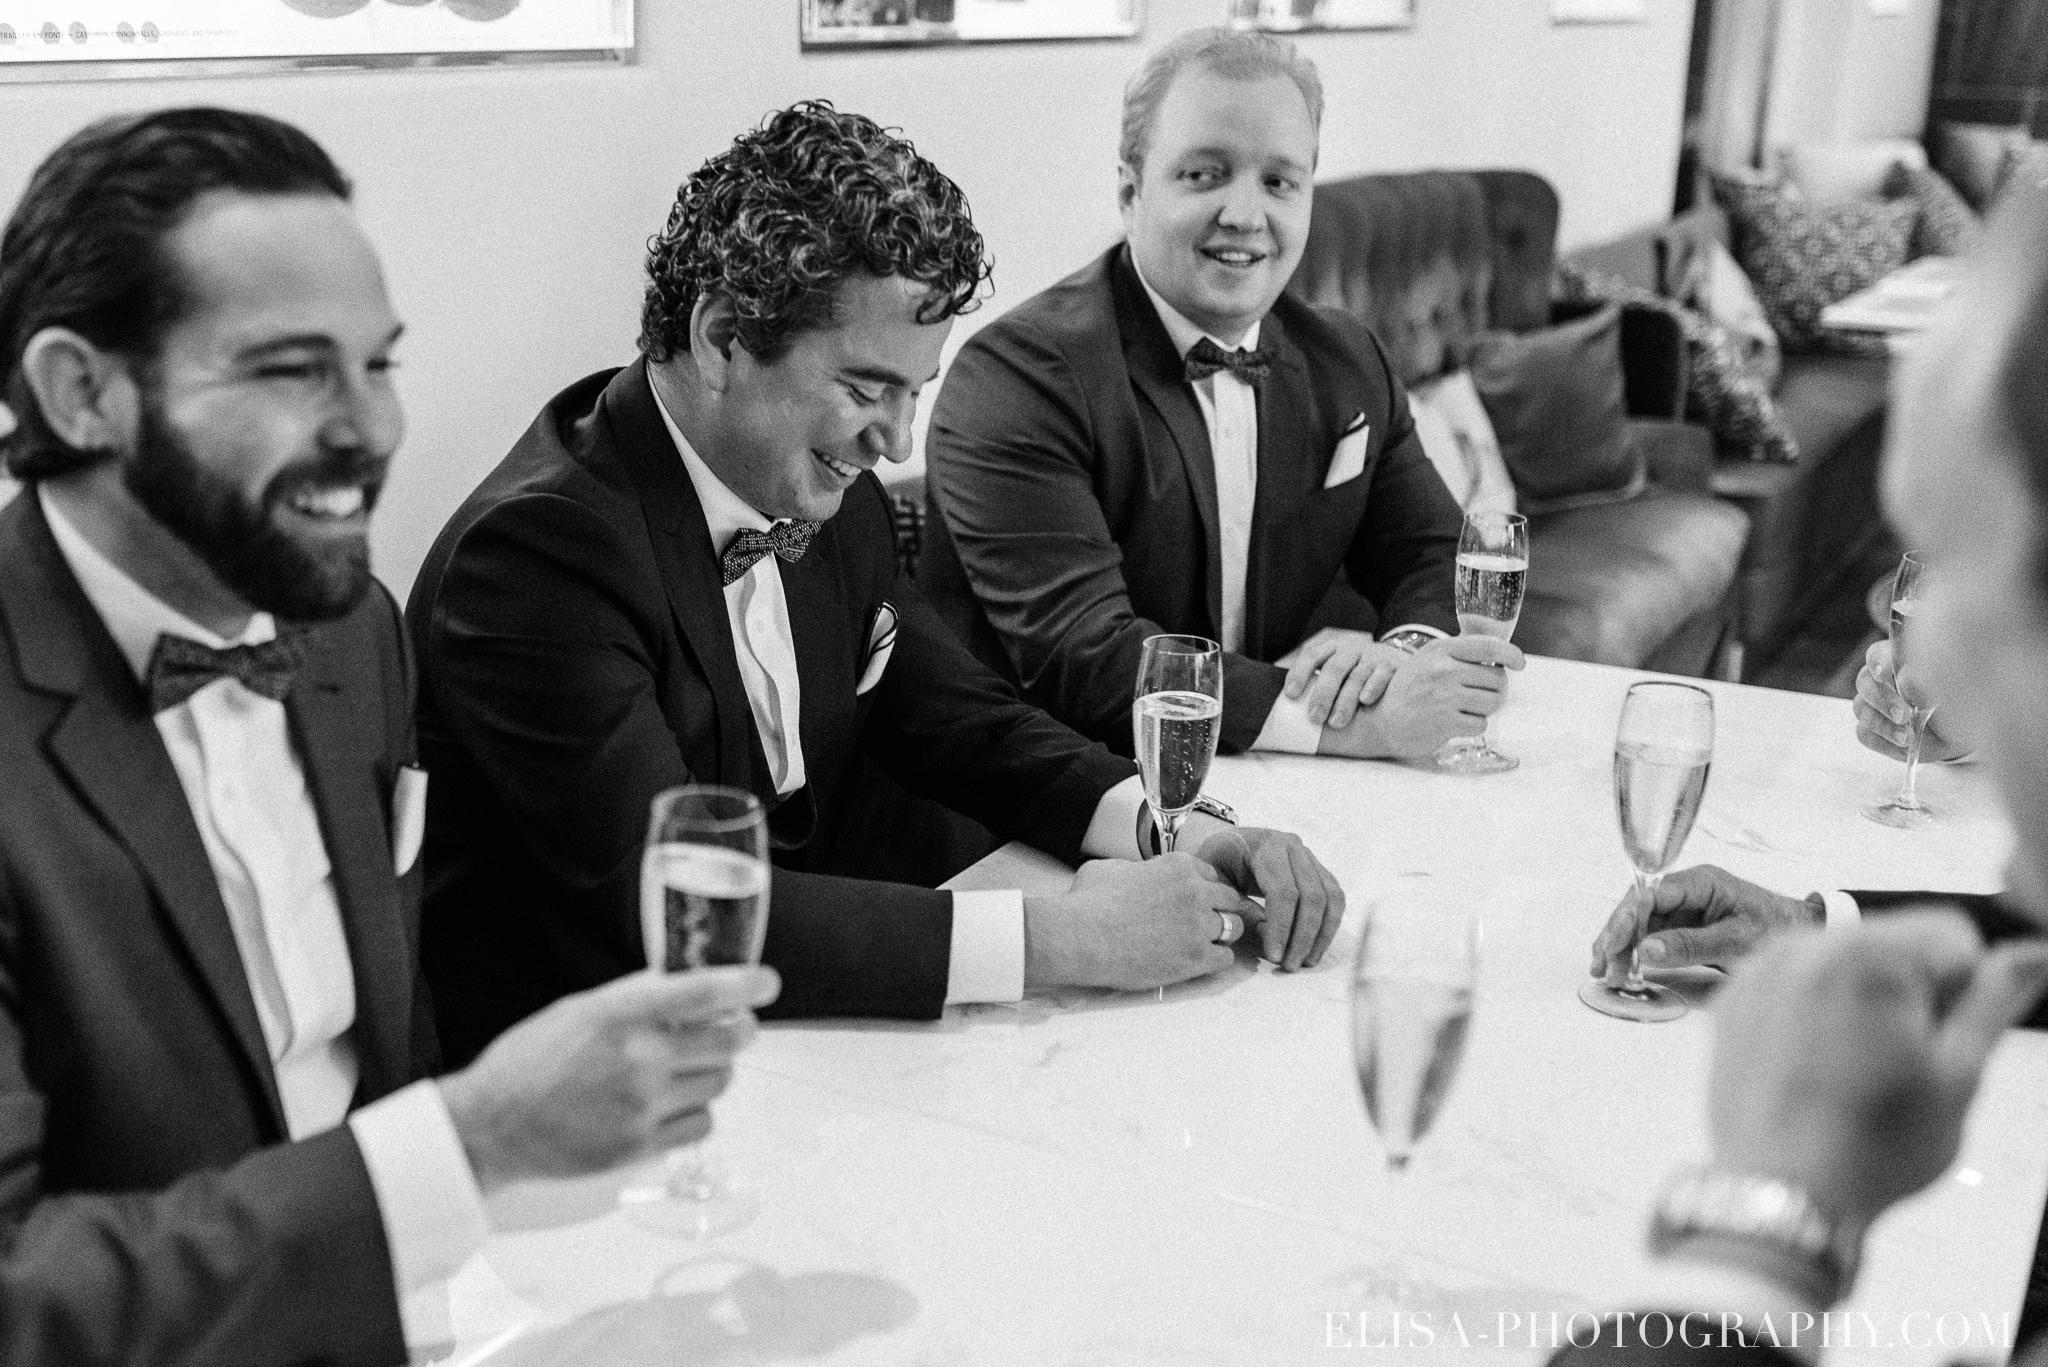 photo mariage quebec auberge saint antoine elisa photographe preparatifs du marie bar artefact huitres 9000 - Mariage élégant et discret au coeur du magnifique Domaine Cataraqui, Québec